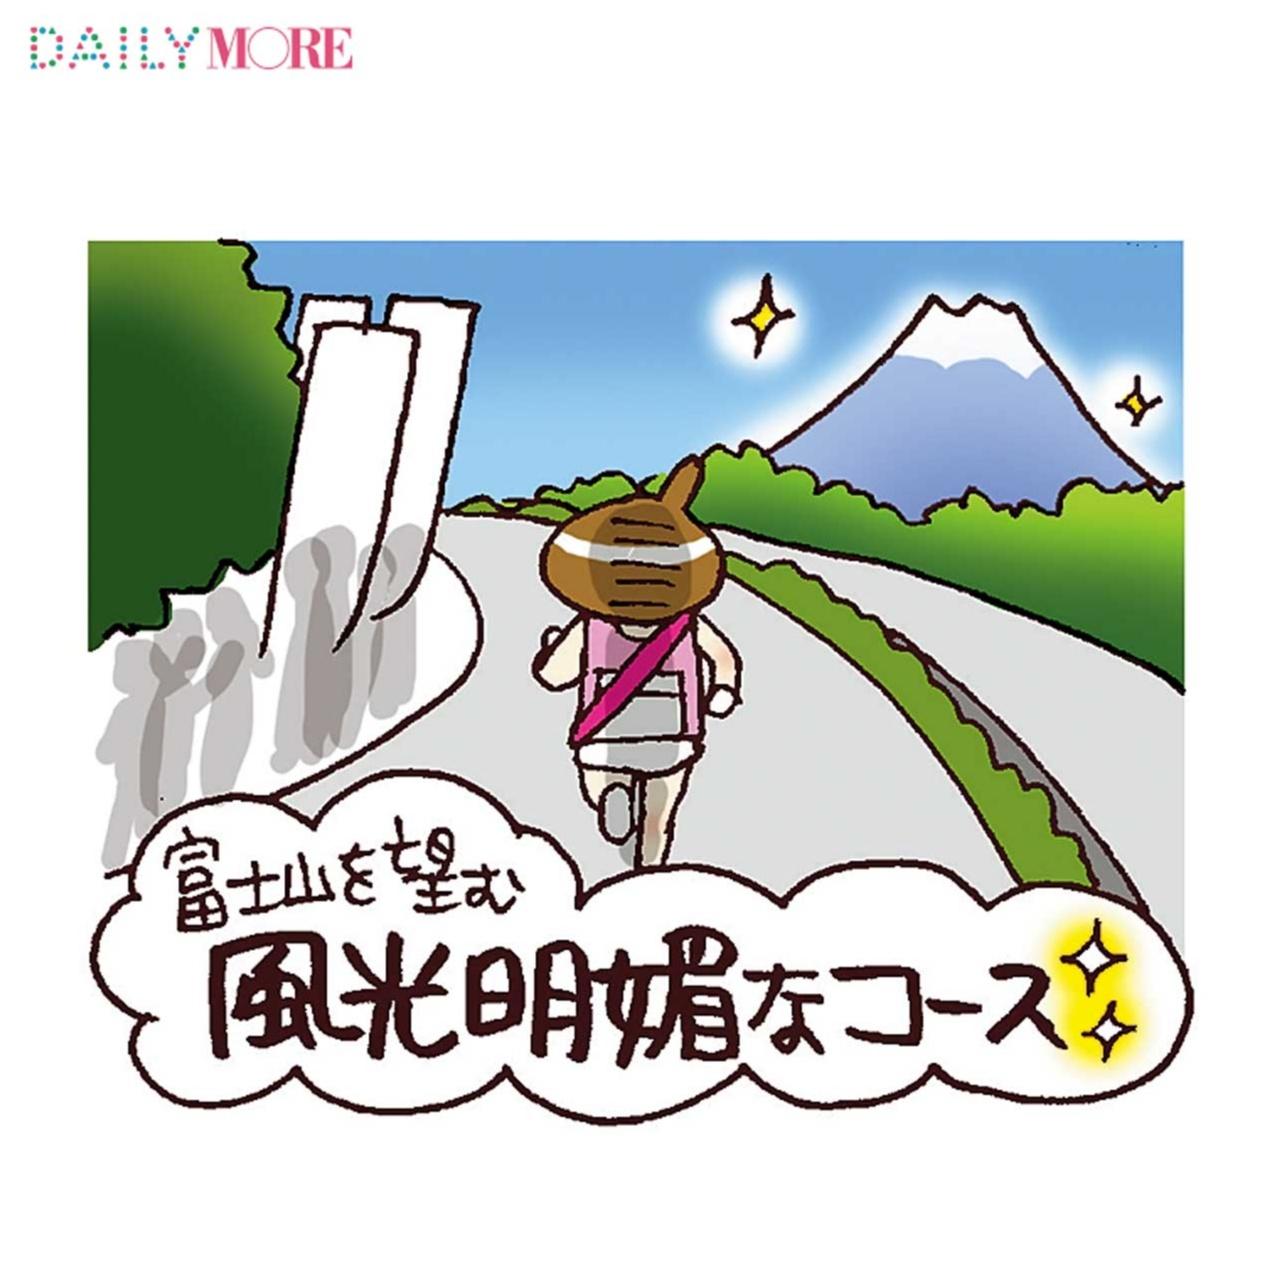 スタートは30分後の午前8時!! 「箱根駅伝」往路1~5区ワンポイントガイド_1_3